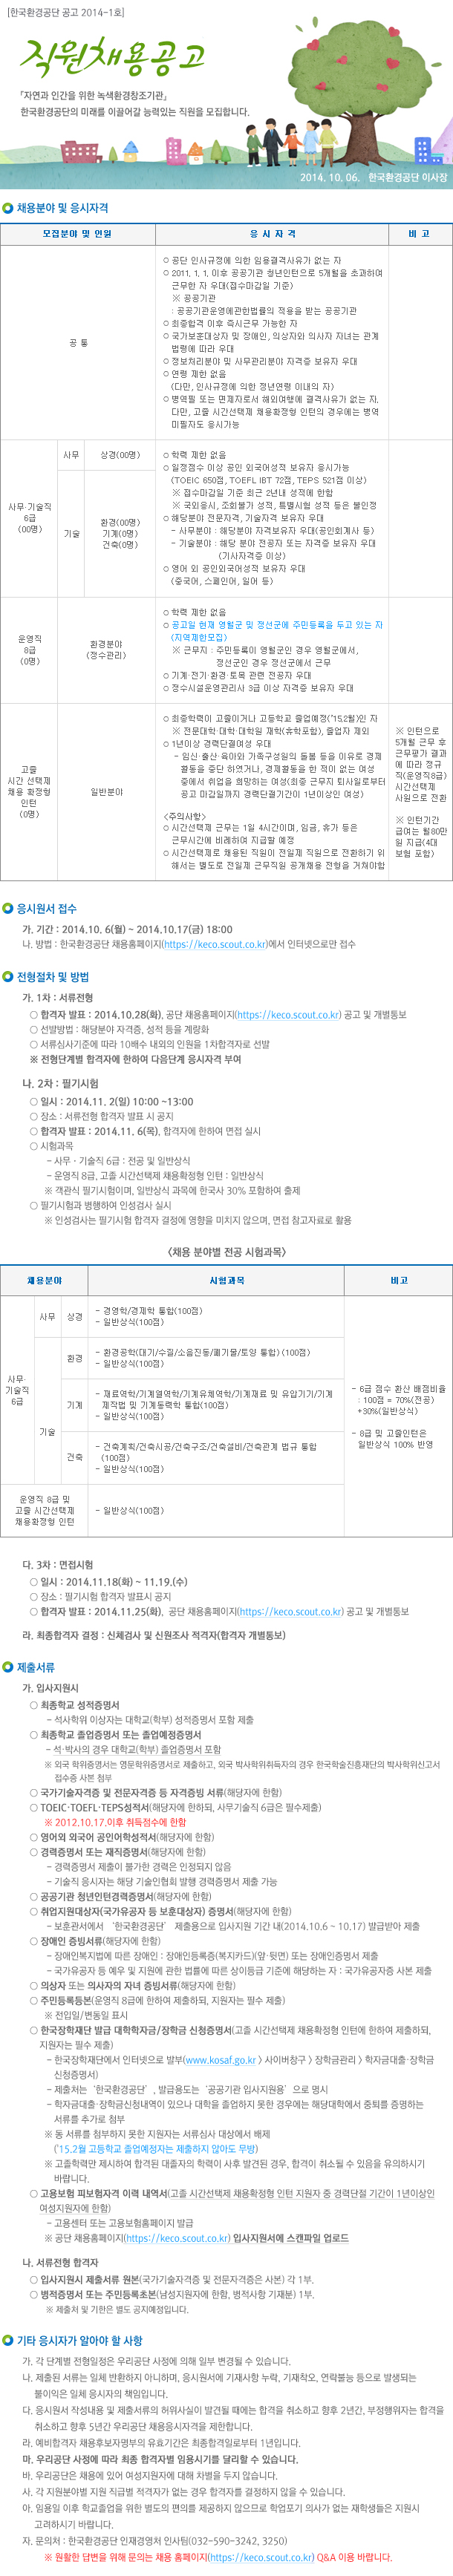 한국환경공단 직원채용 공고